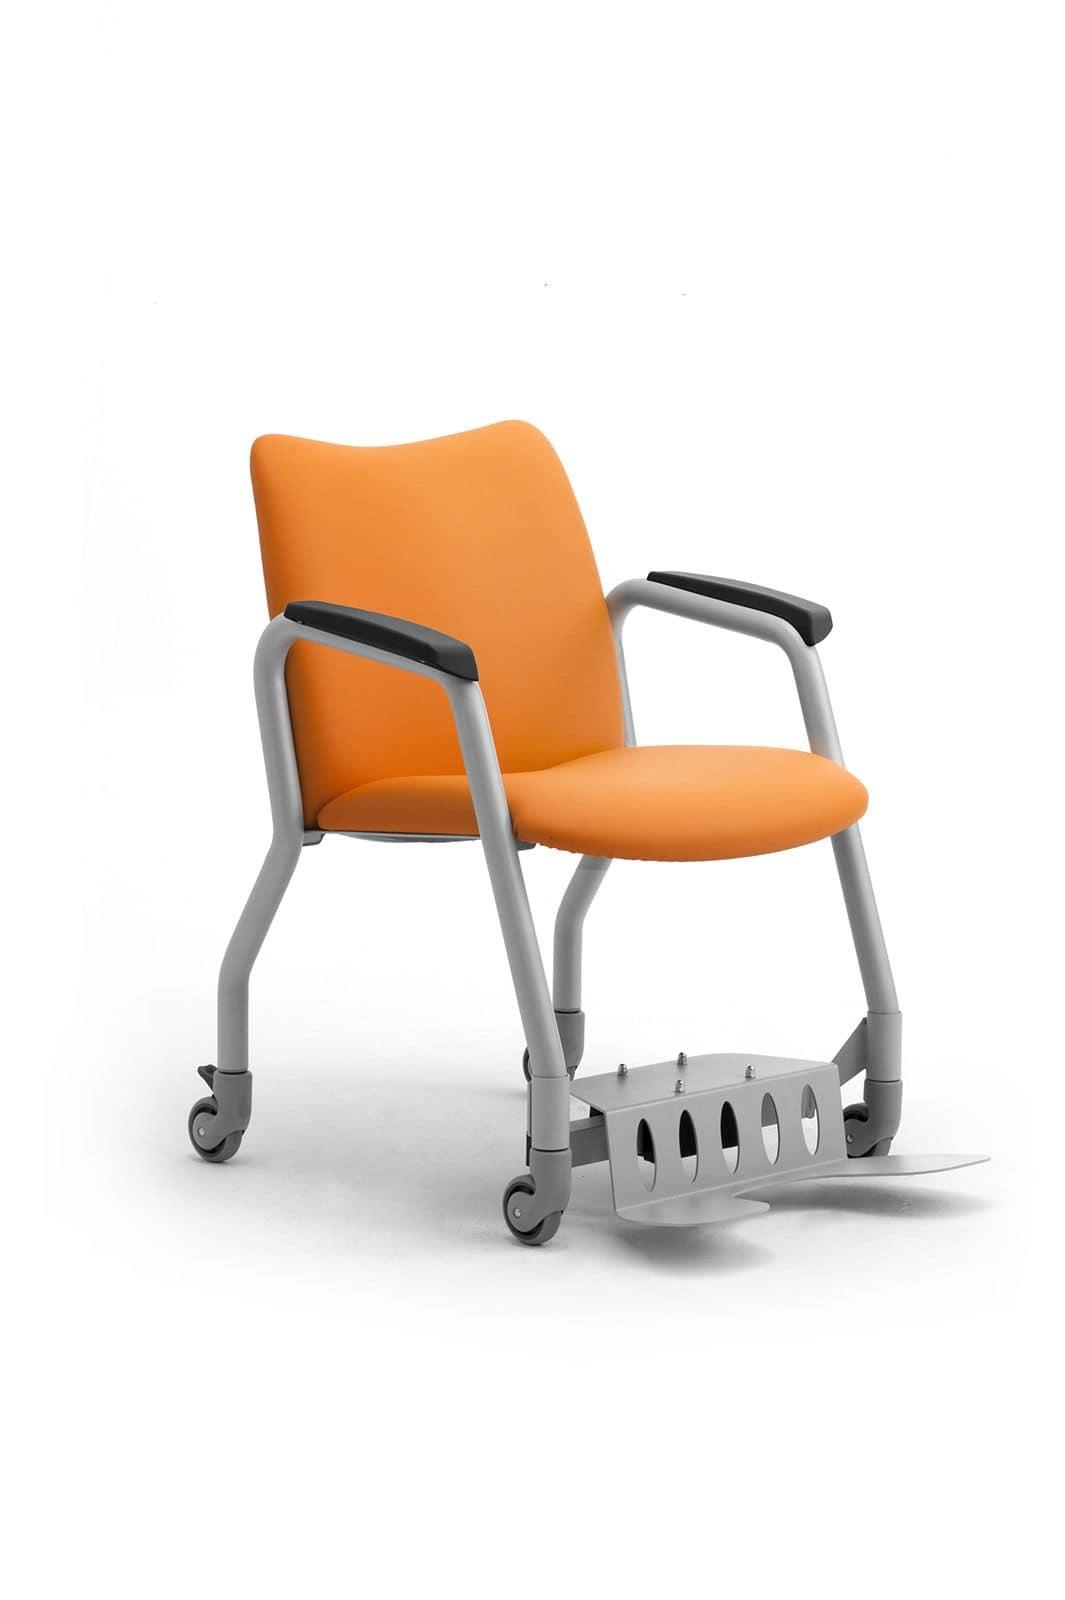 Giorgy con ruote 6410 sedia conferenza aula magna idfdesign for Sedia design srl